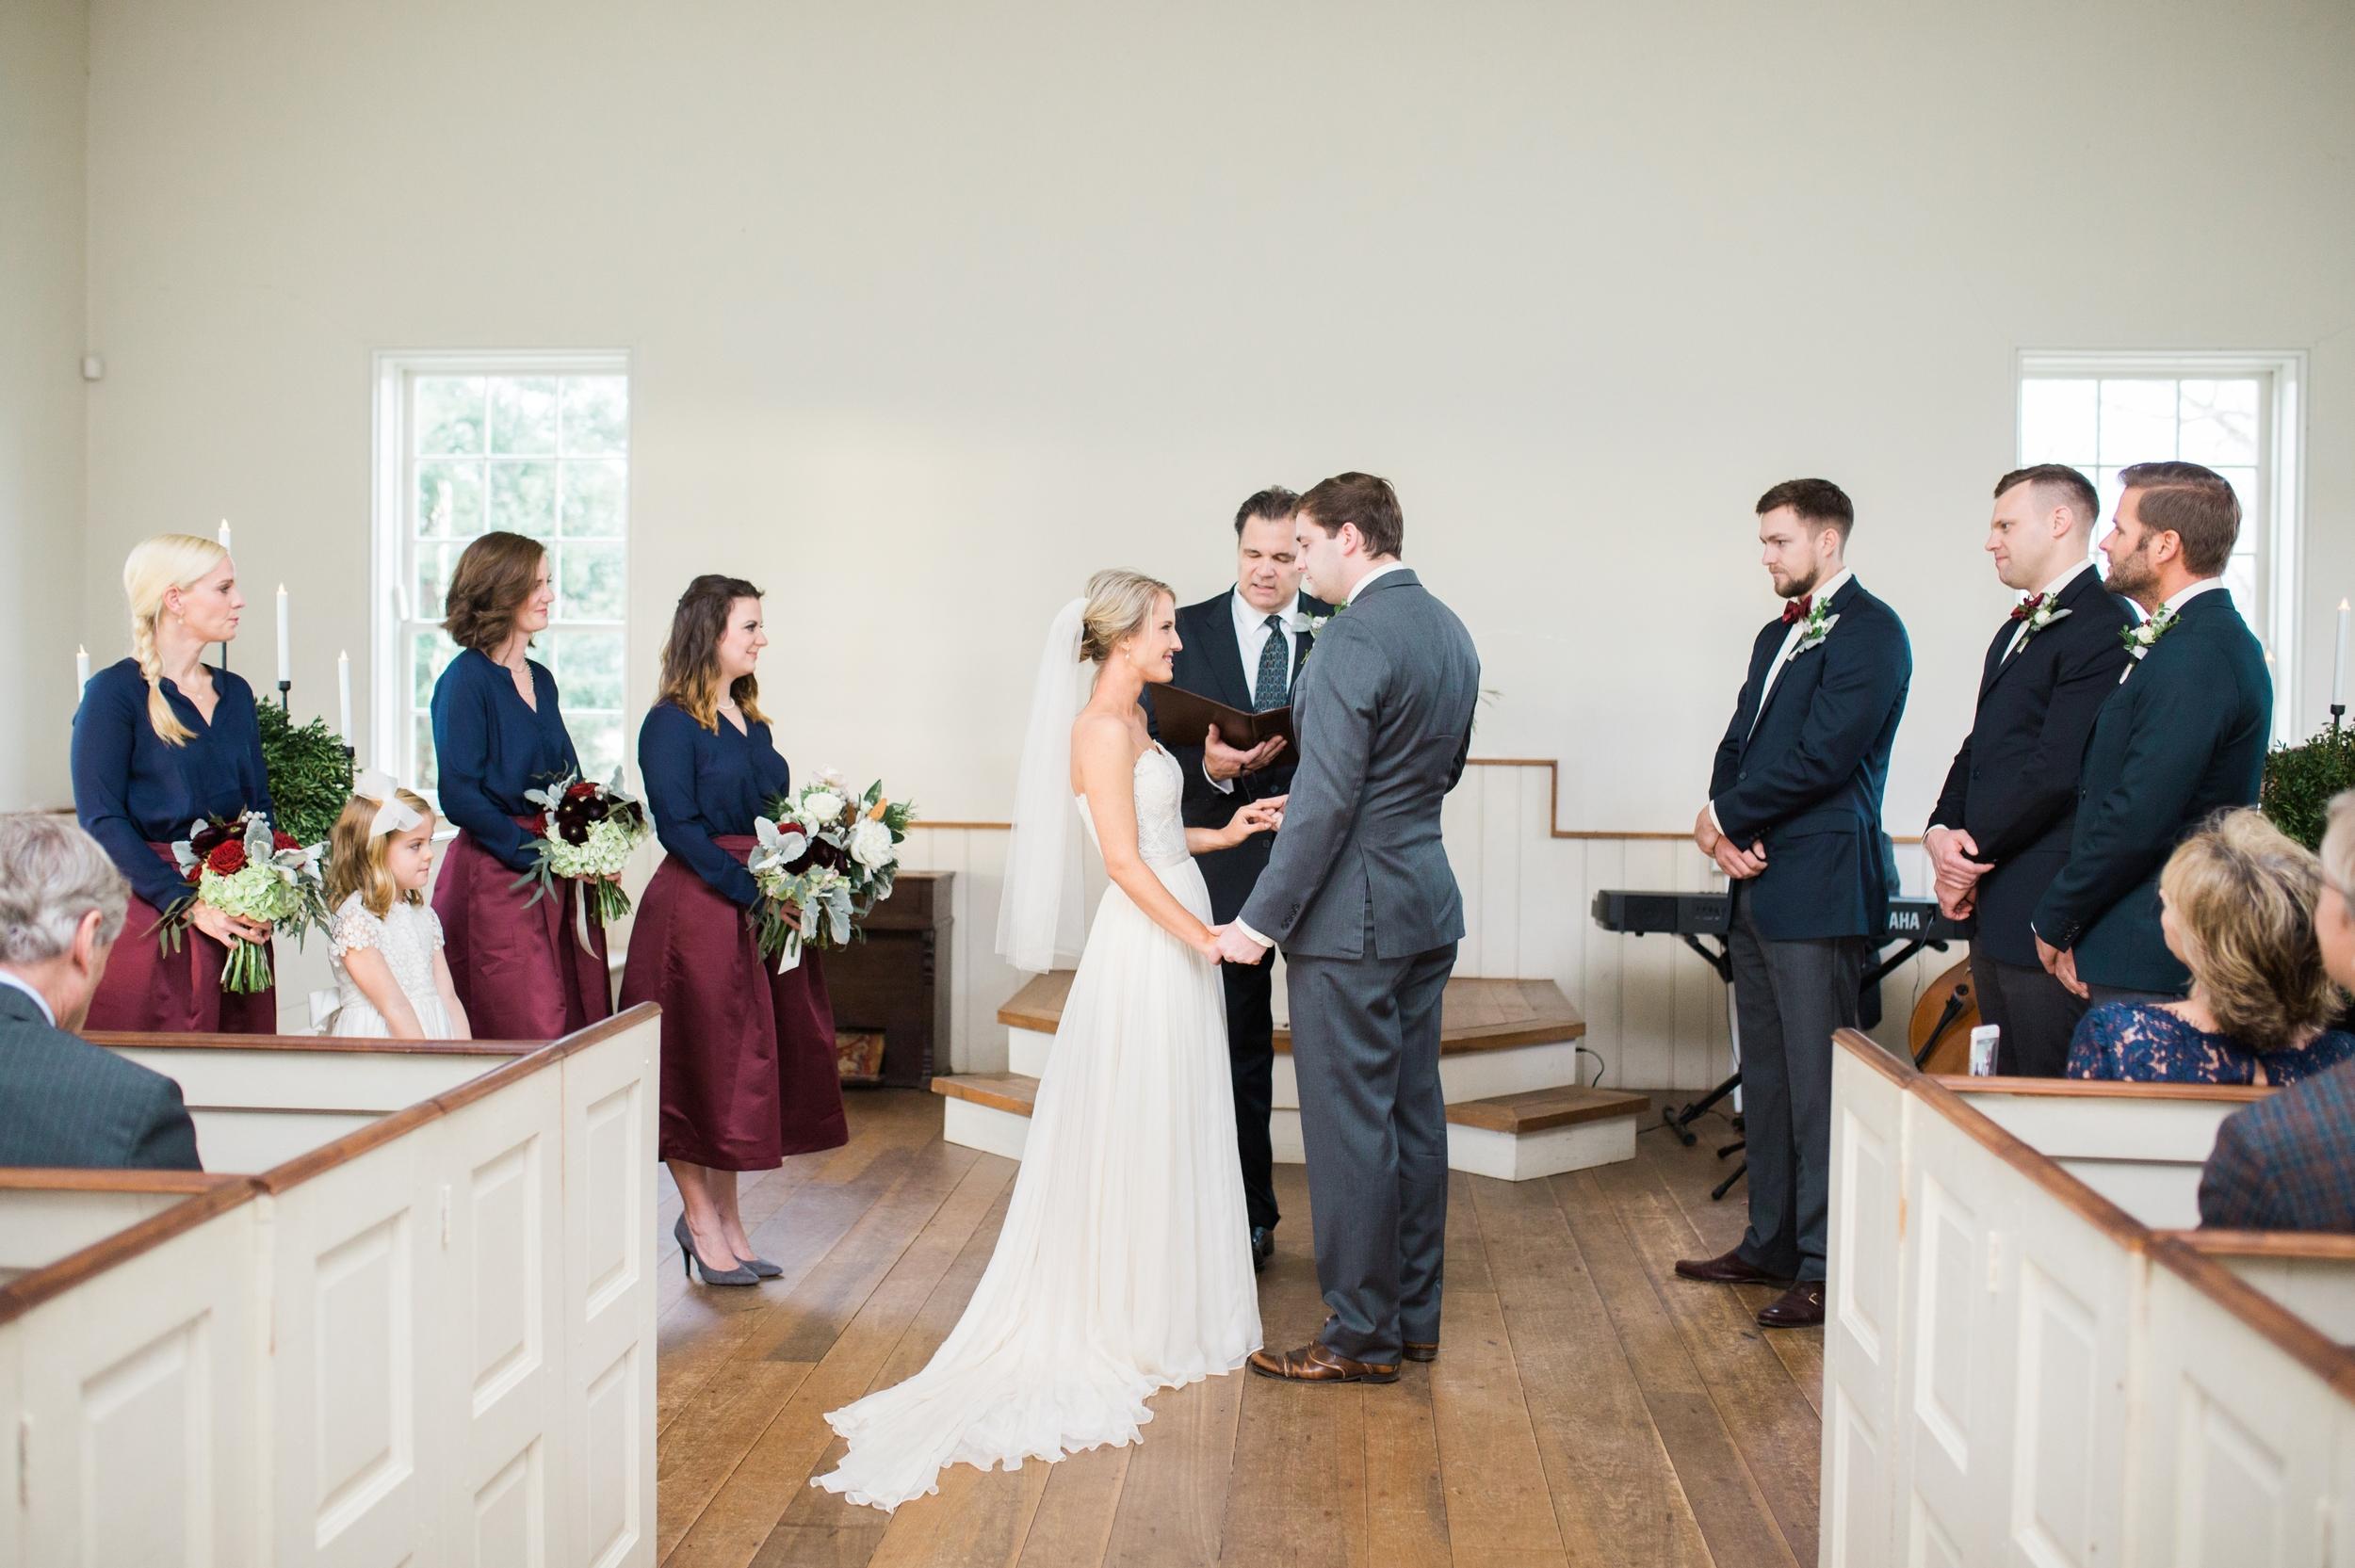 Carter and Molly Blanton - Wedding 24.jpg